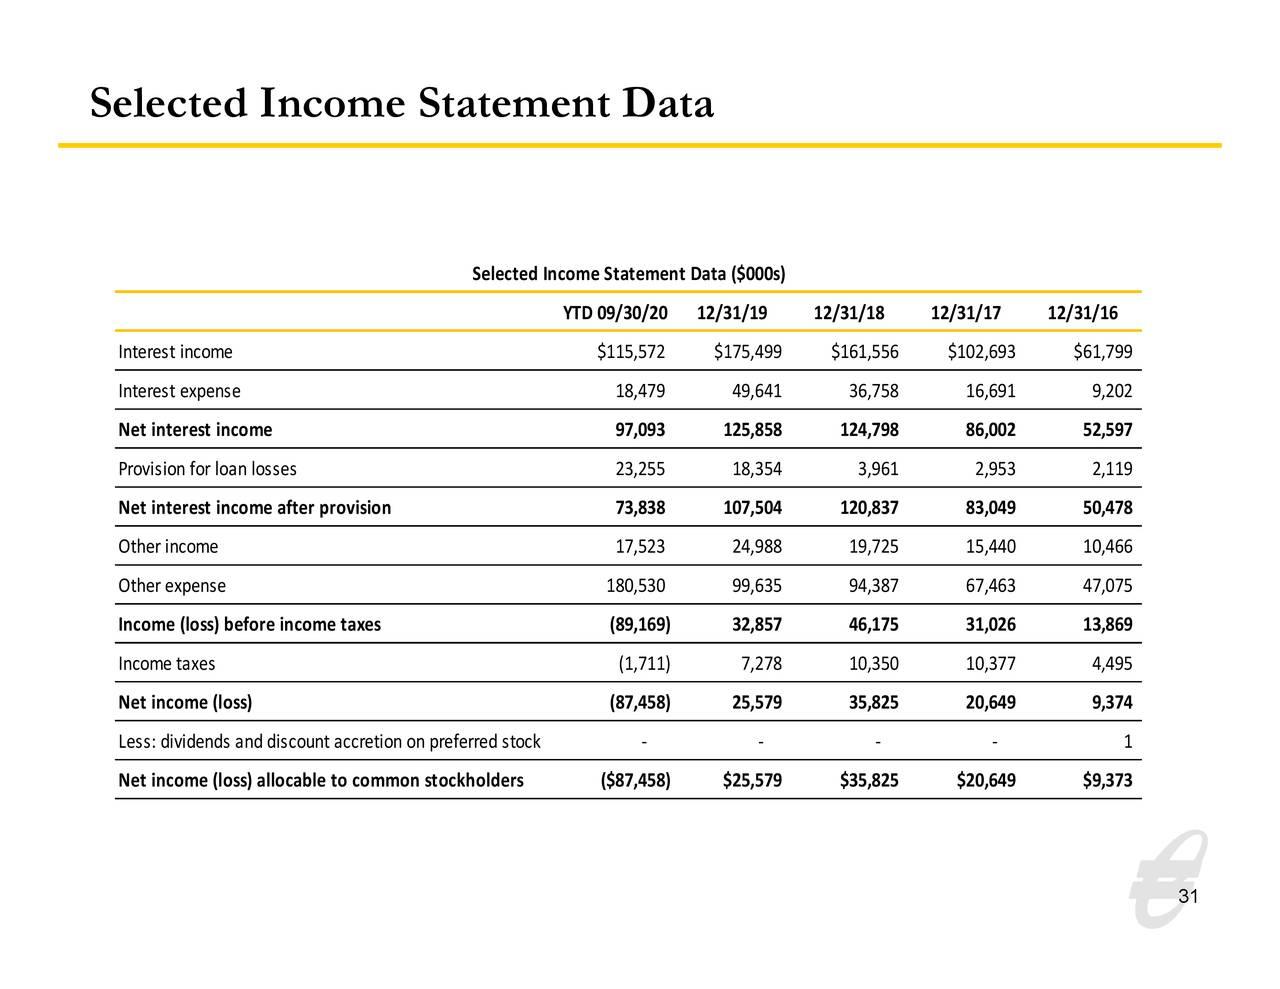 Datos seleccionados del estado de resultados